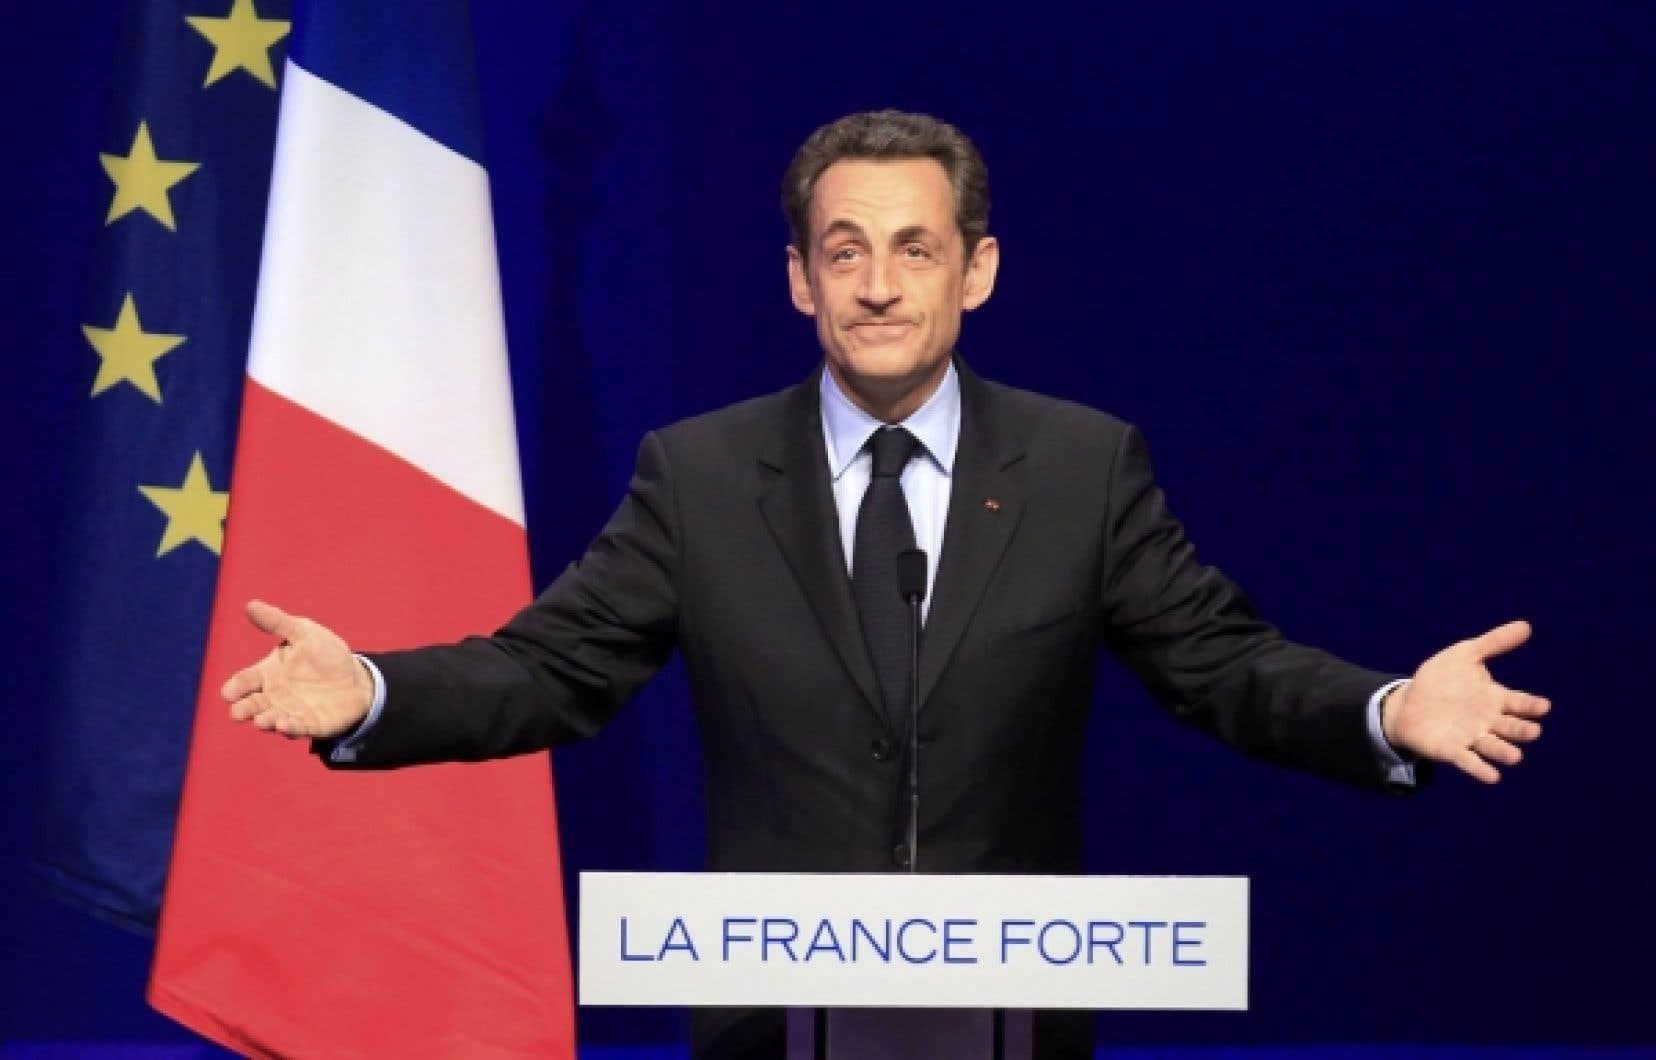 Nicolas Sarkozy s'en est pris avec virulence à ceux qui auraient « privatisé le Premier Mai » et « choisi de défiler sous le drapeau rouge » alors que, dit-il, « nous avons choisi de nous rassembler sous le drapeau tricolore ».